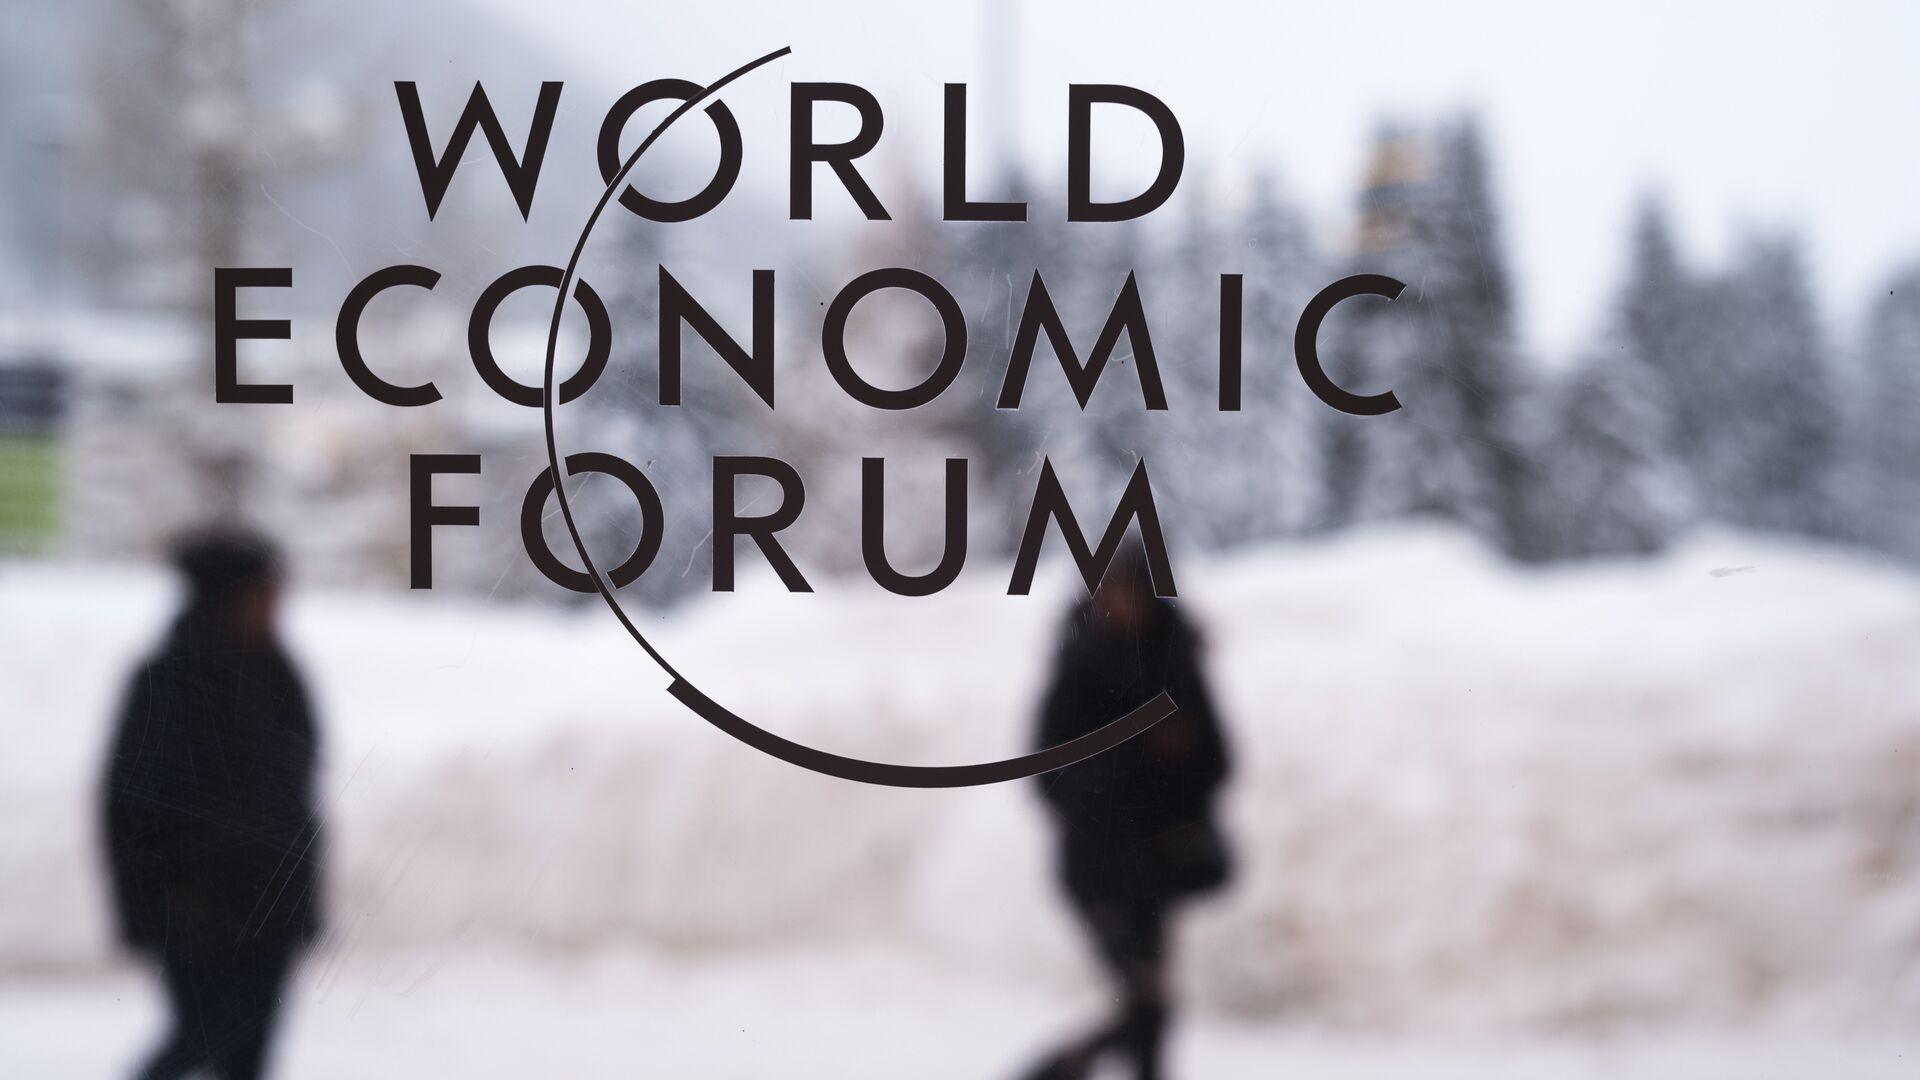 El Foro Economico de Davos - Sputnik Mundo, 1920, 16.09.2021